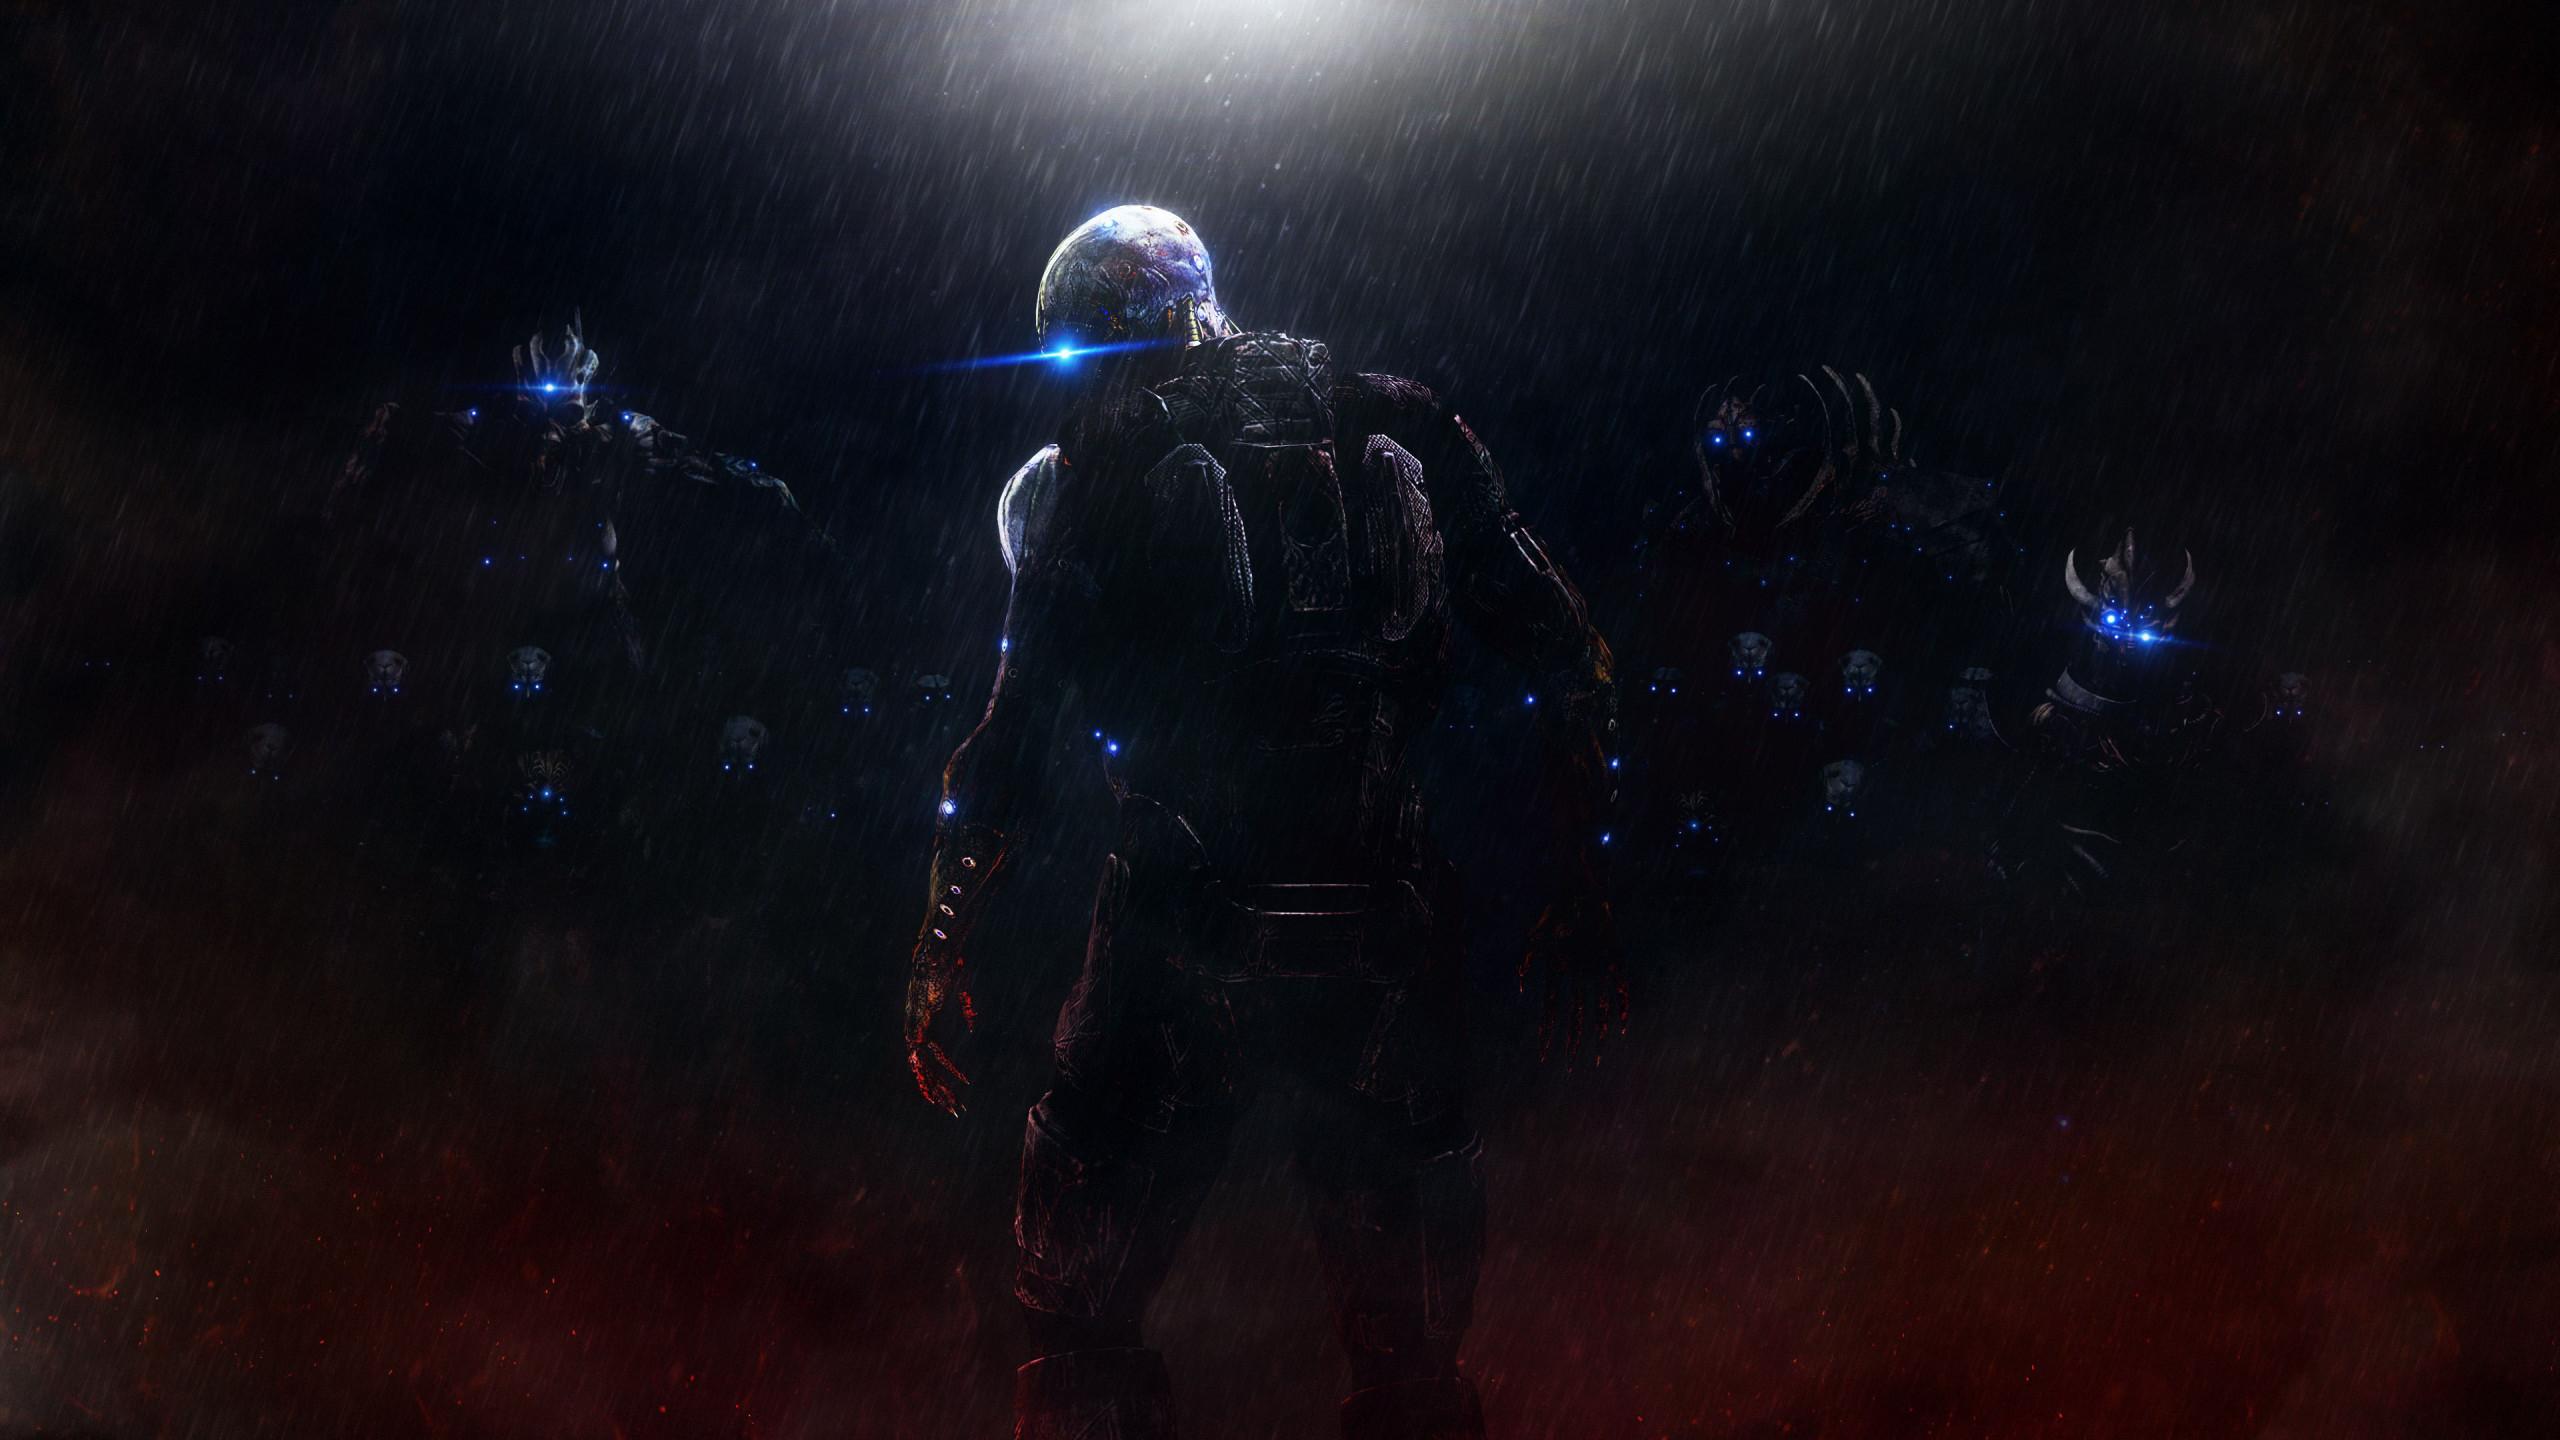 Mass Effect Wallpaper 2560x1440 85 Images